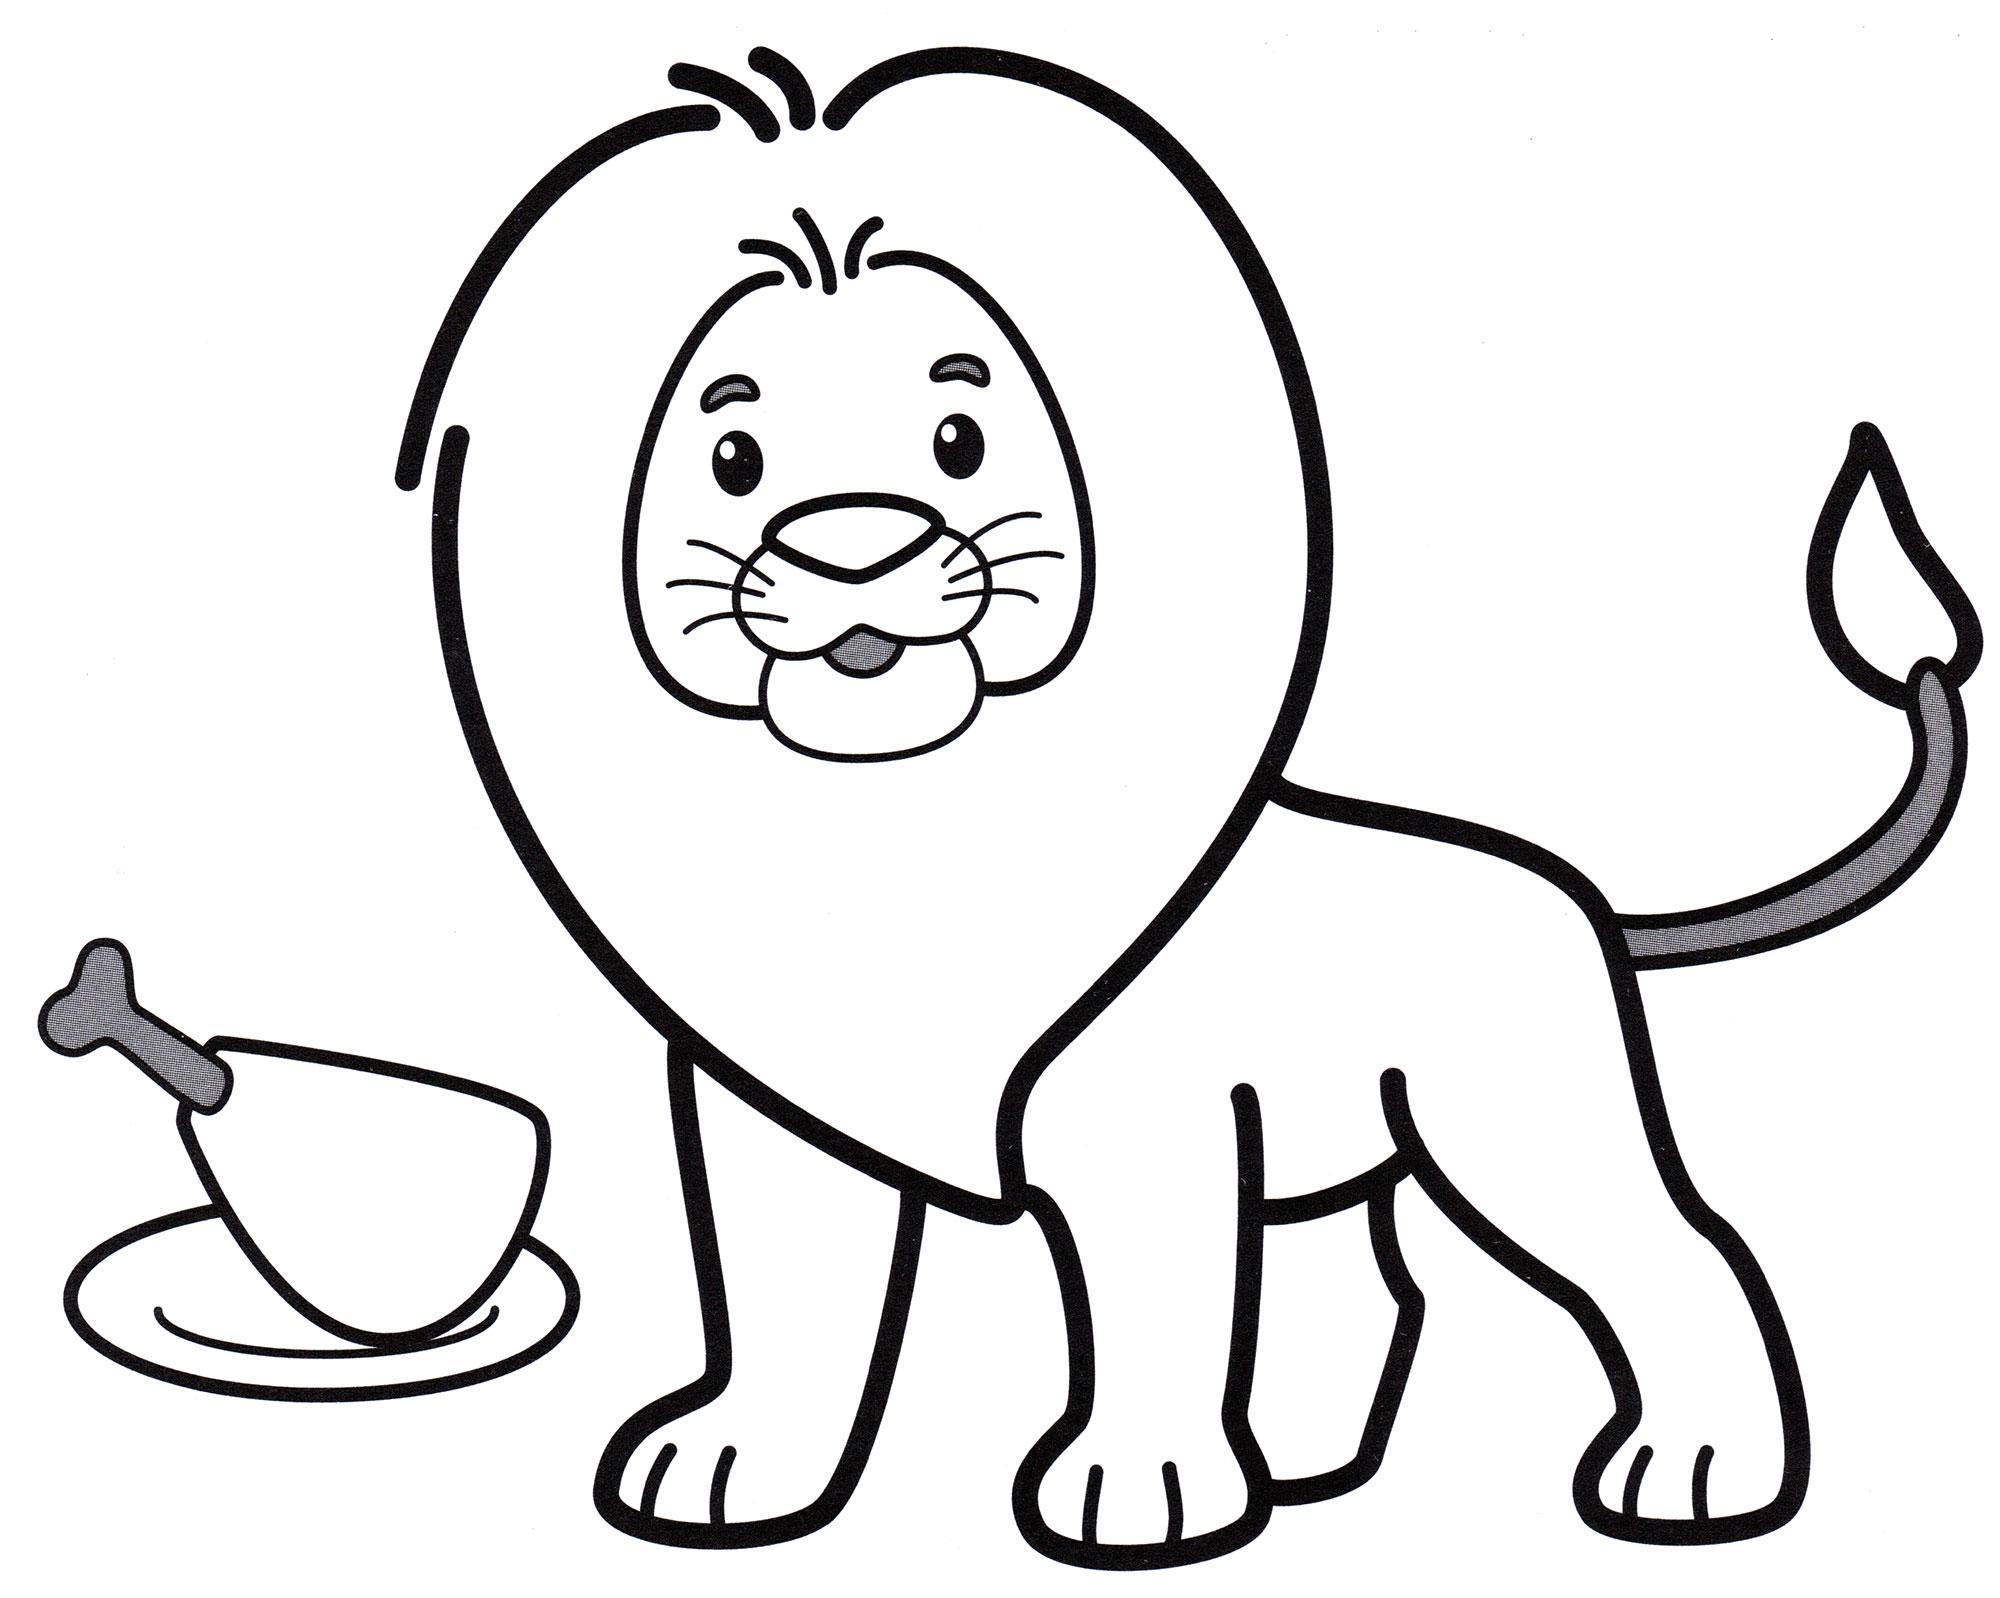 Раскраска Грозный лев - распечатать бесплатно